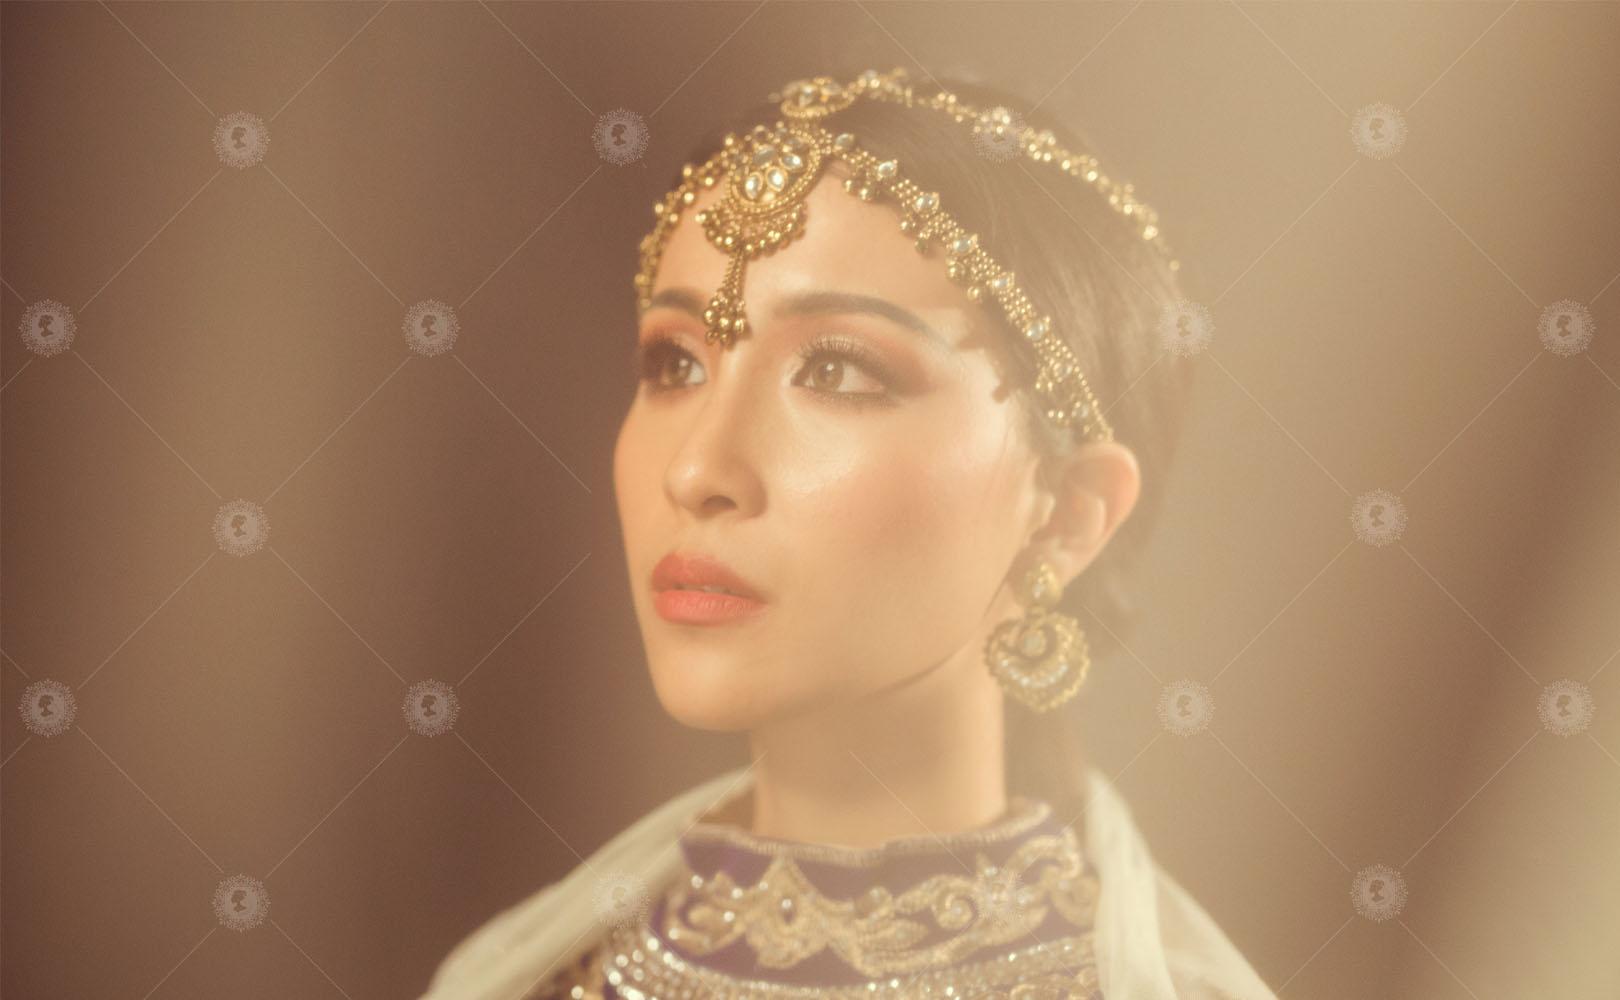 【印度旁遮比-揭開印度面紗】刺繡傳統流行感/硃砂馬達巴蒂作品9